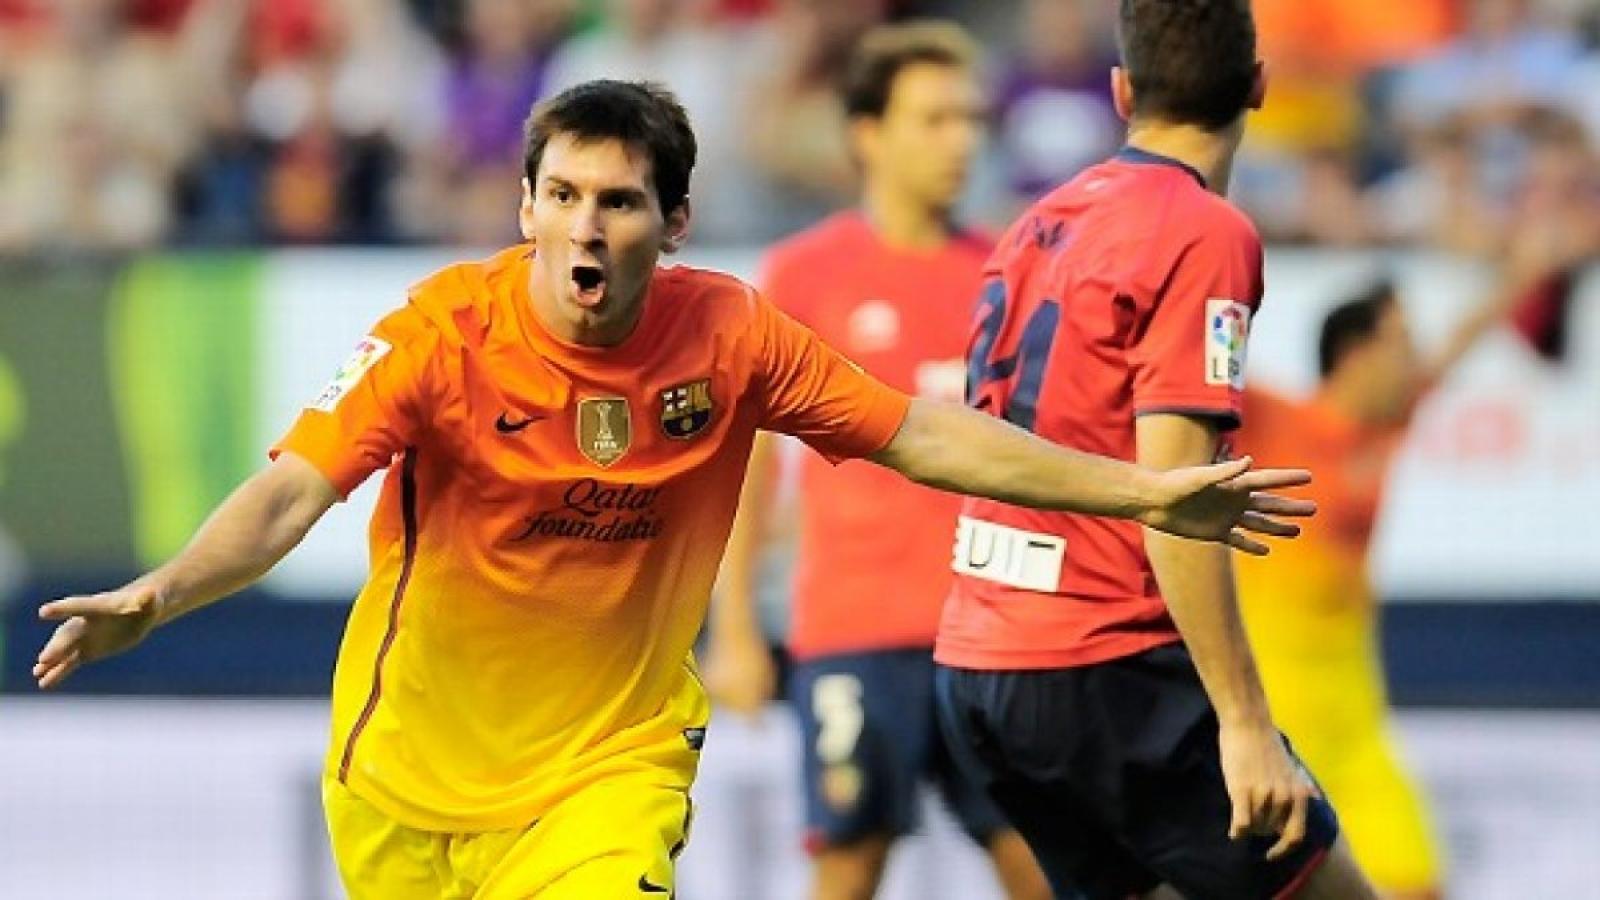 Ngày này năm xưa: Messi đạt kỷ lục ghi bàn khó tin